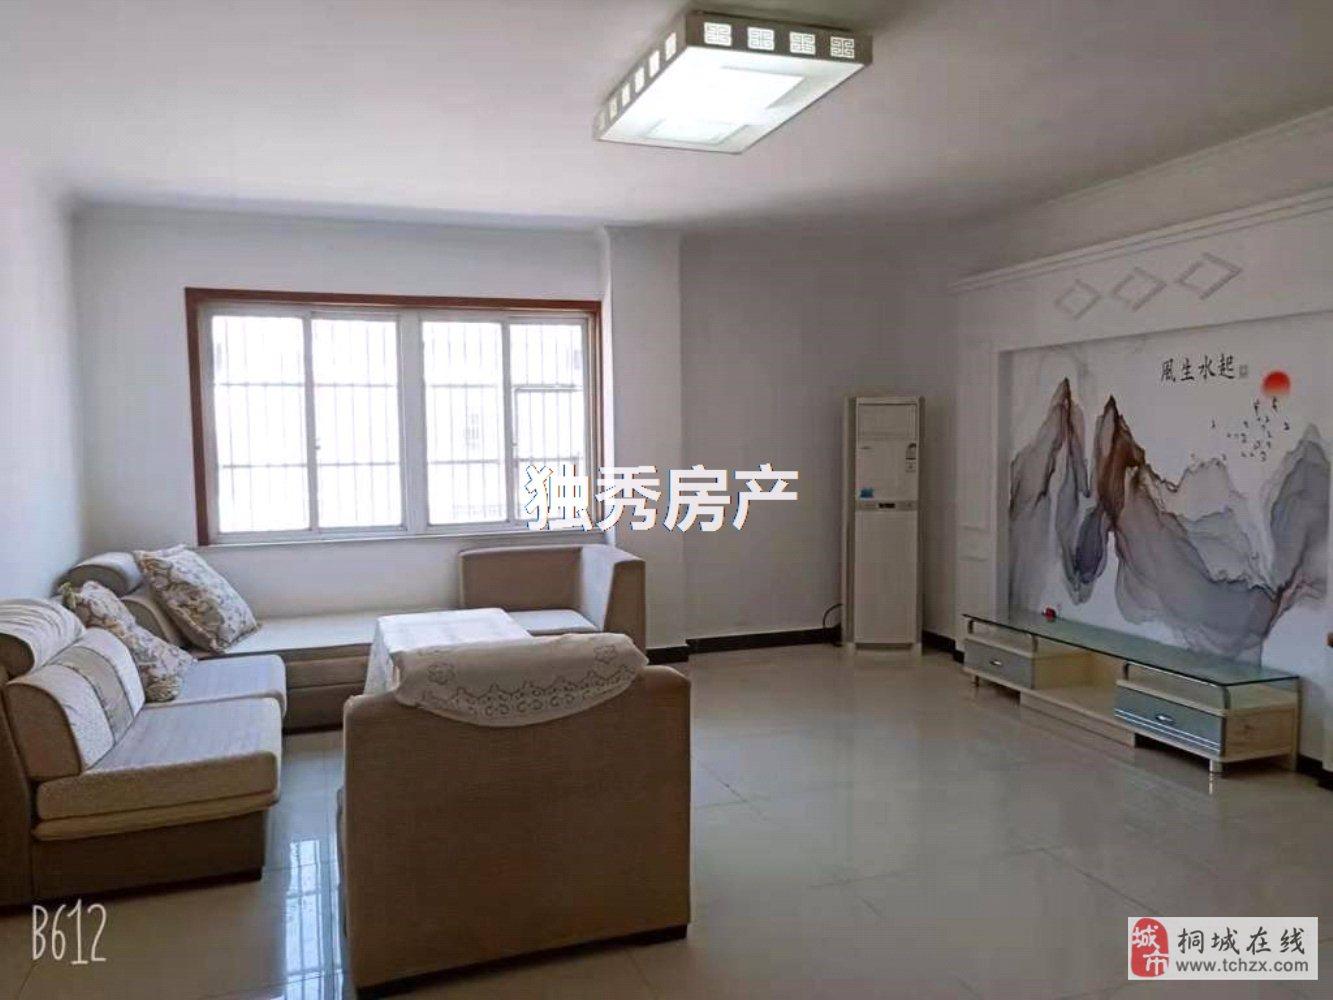 出售兴尔旺小商品城未住精装房3室2厅48万元